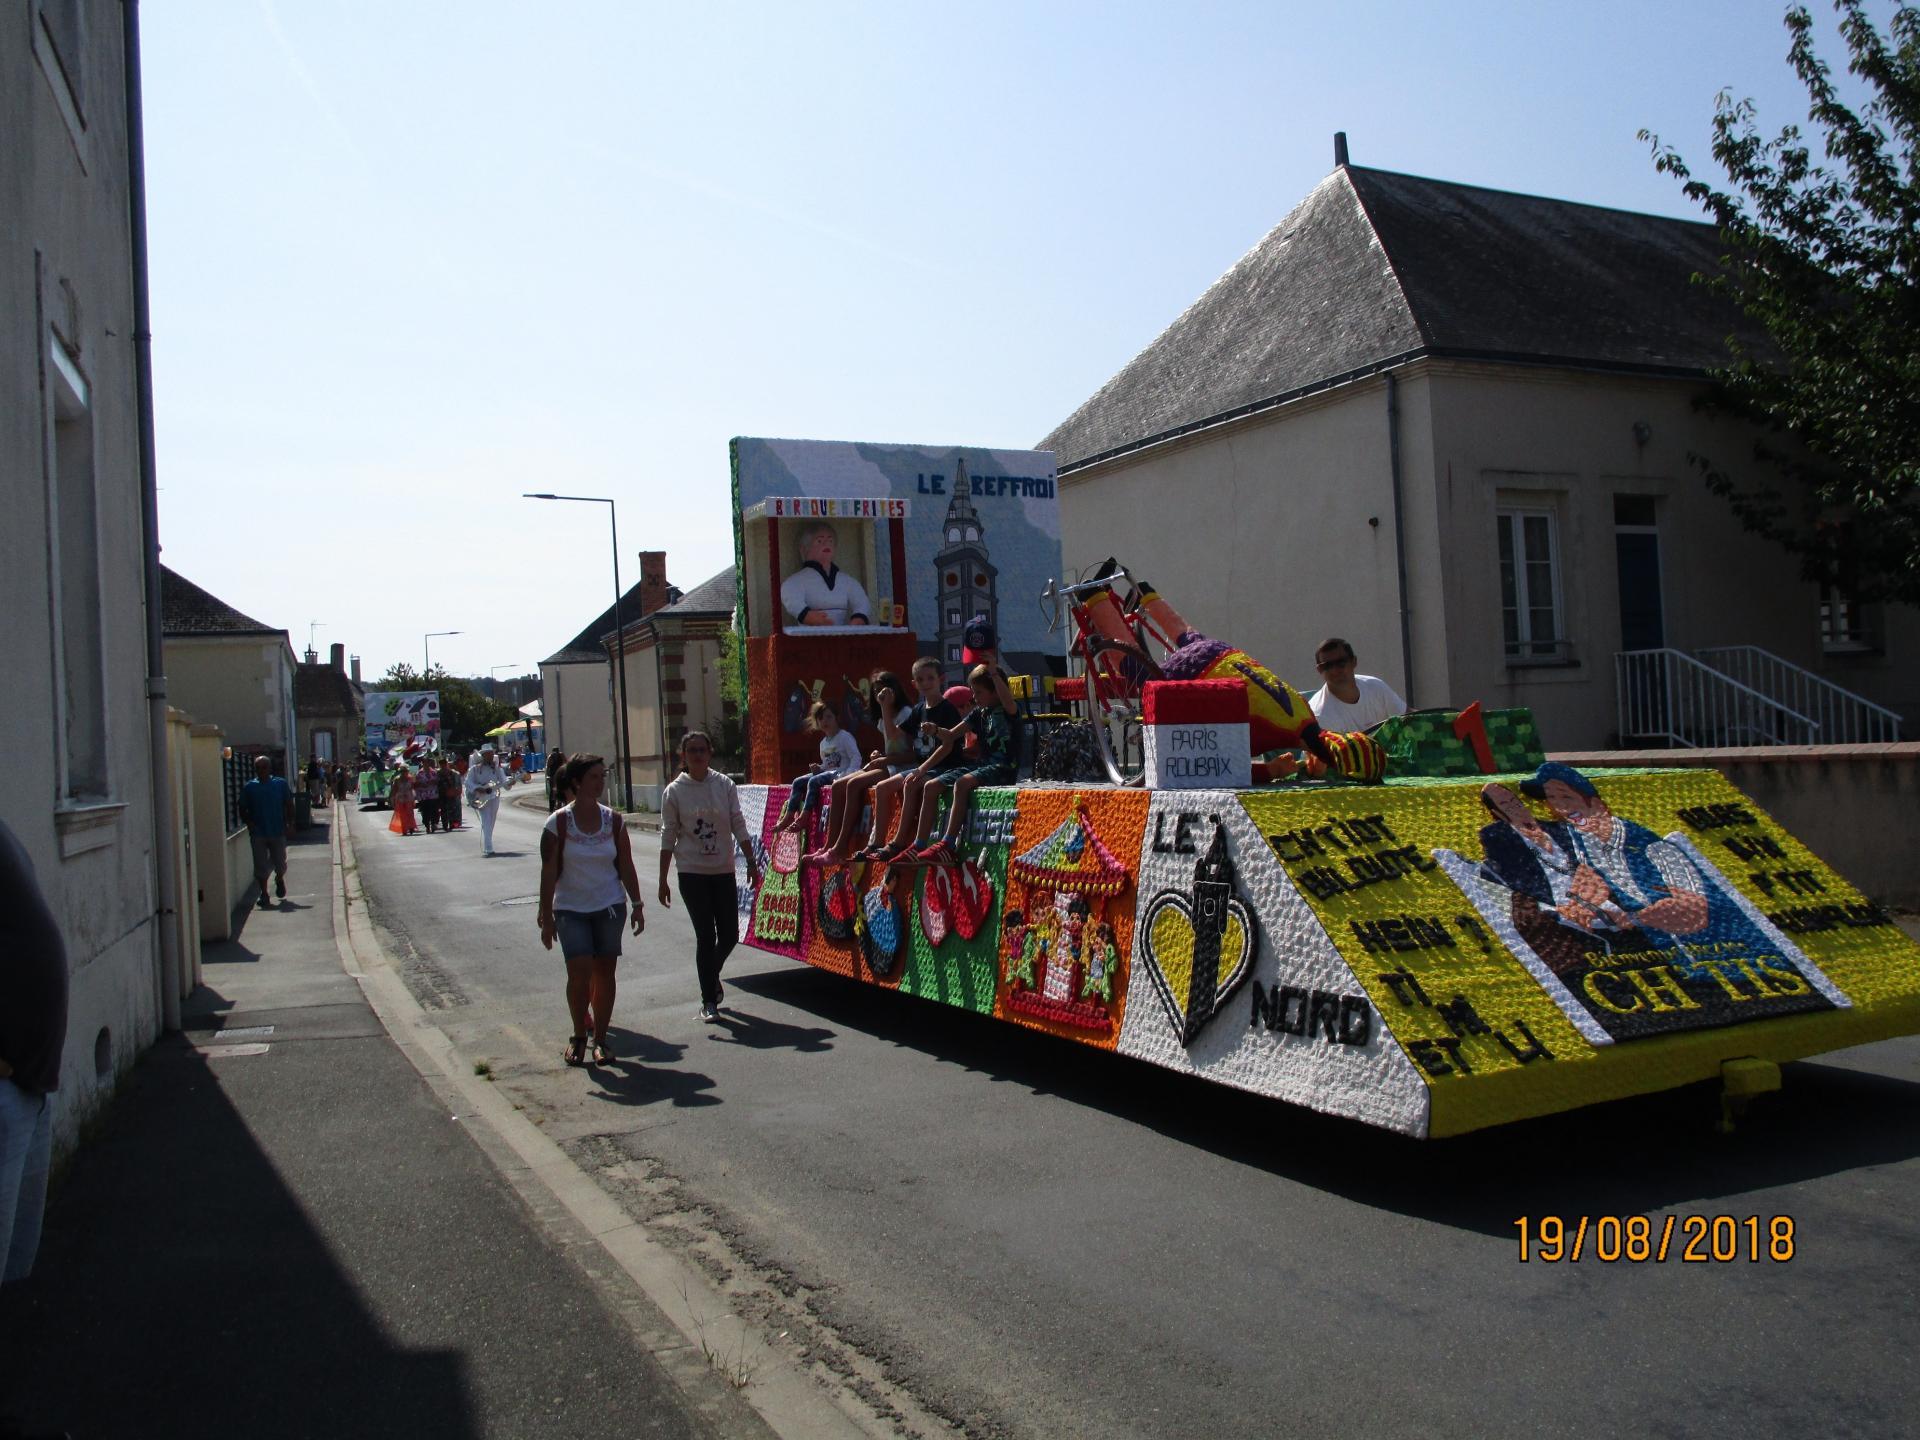 Le char des Chti's